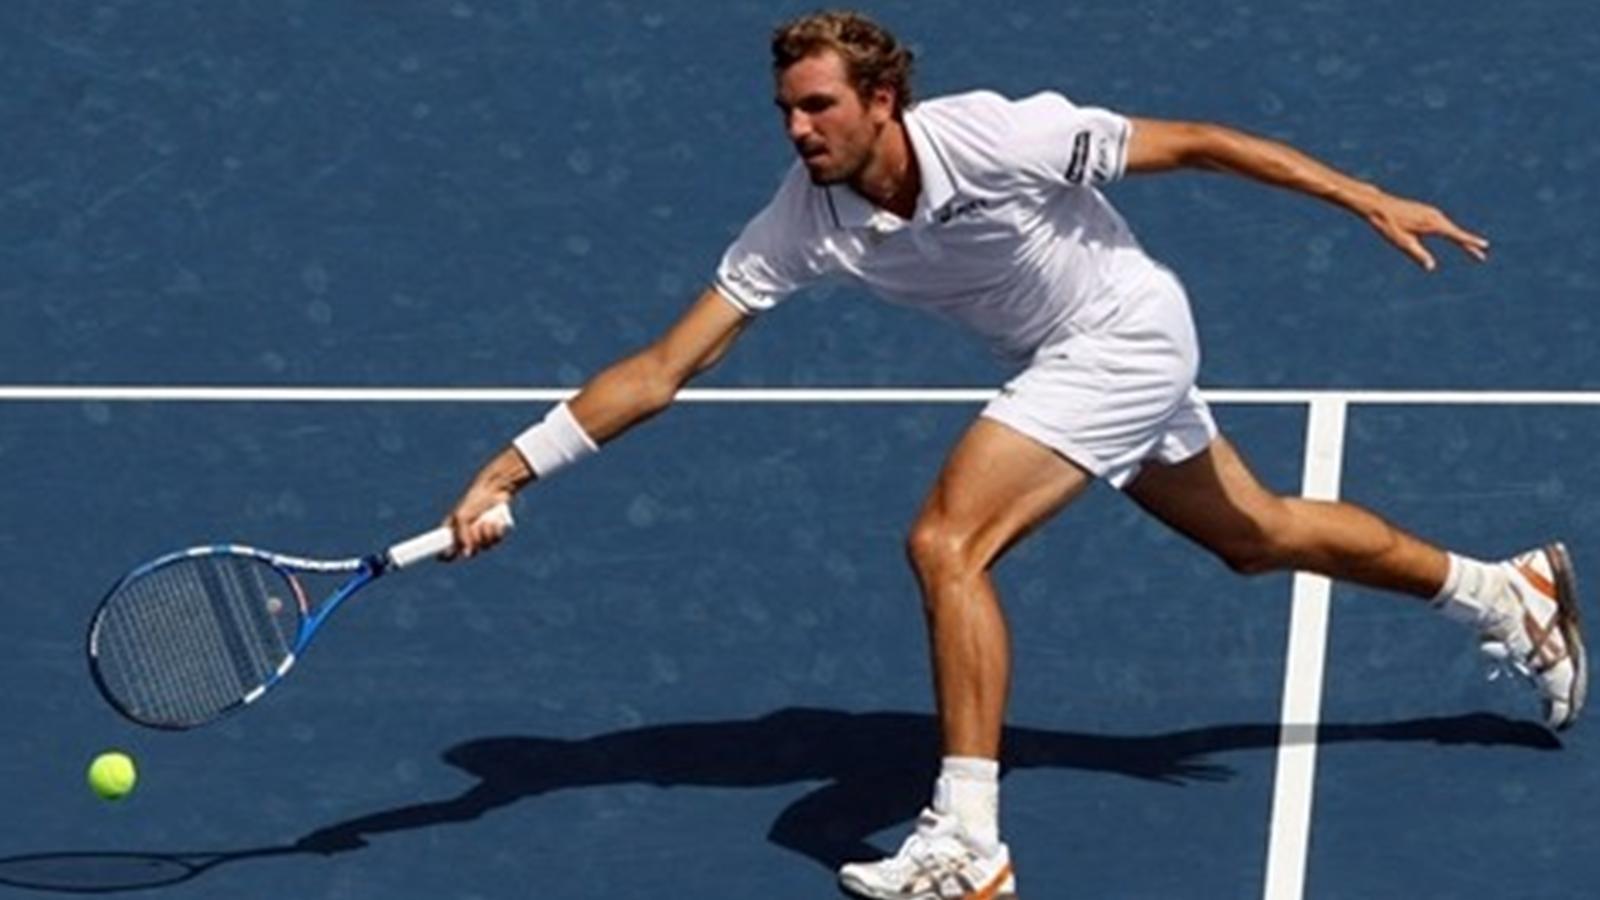 Benneteau prend la porte - ATP Pékin 2009 - Tennis - Eurosport